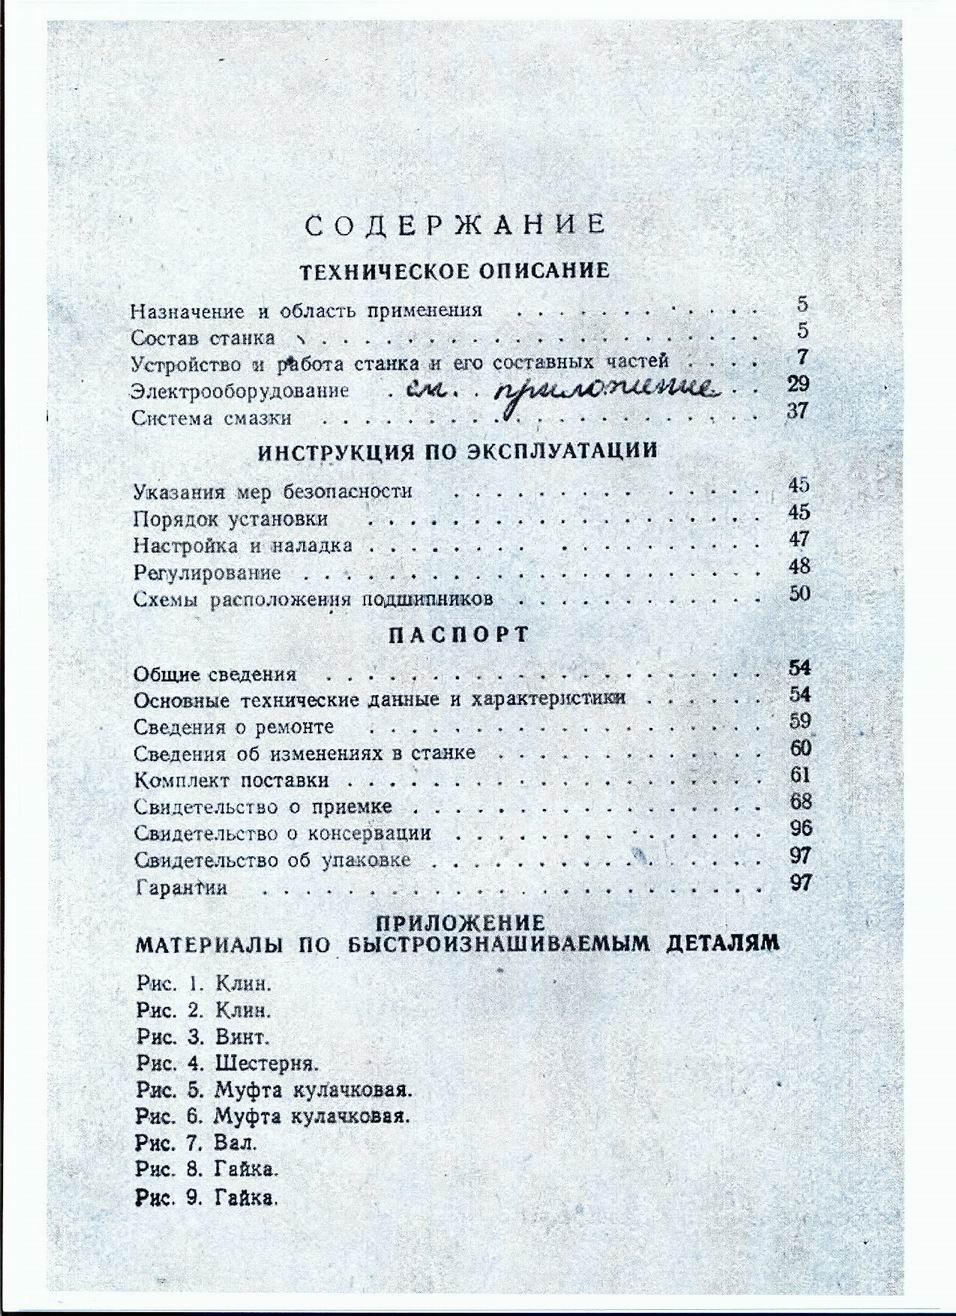 Паспорт 6Б75В Фрезерный широкоуниверсальный ...: http://prompasport.ru/index.php/pasporta-stanki-metall/frezernie-pasporta/1516-6b75v?tmpl=component&print=1&page=